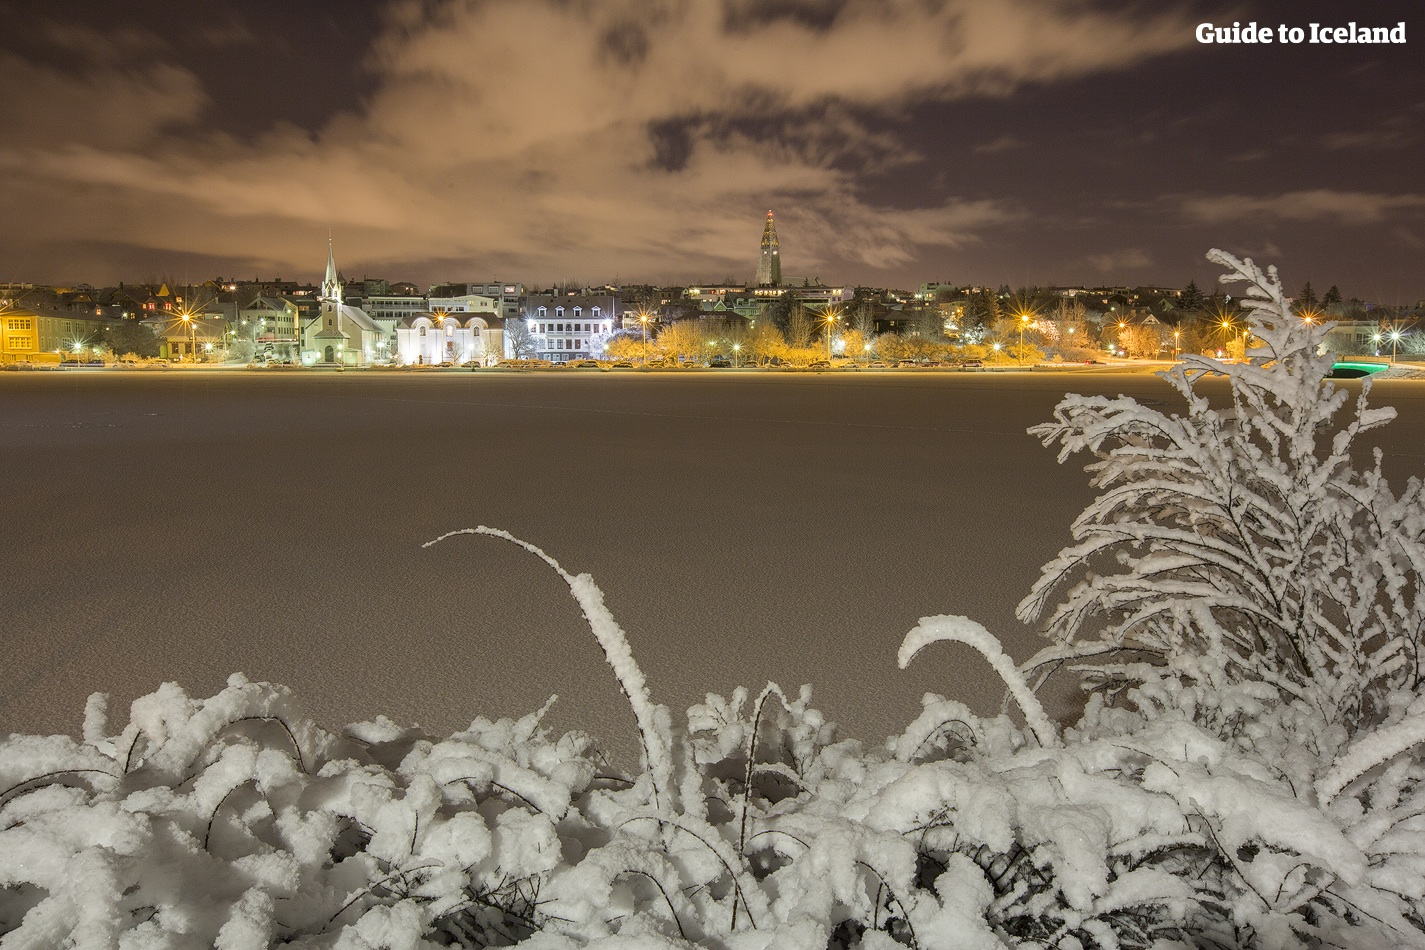 10-дневный зимний автотур | Снайфелльснес, северные сияния и Южное побережье - day 1